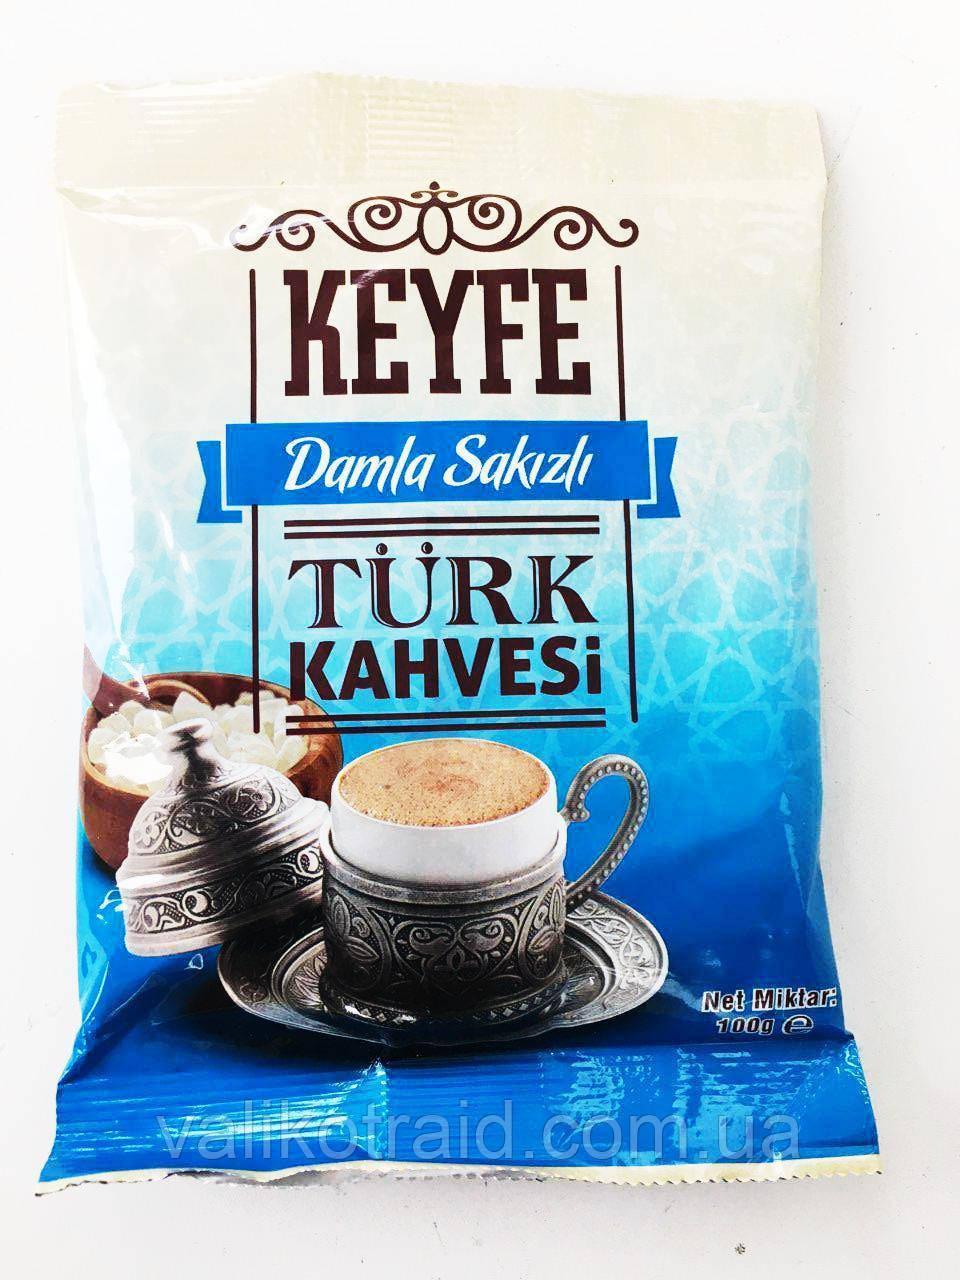 """Кофе с добавкой мастичного дерева """"Dunyasi Кeyfe turk kahvesi"""" Damla Sakizli,  100 гр, Турция"""